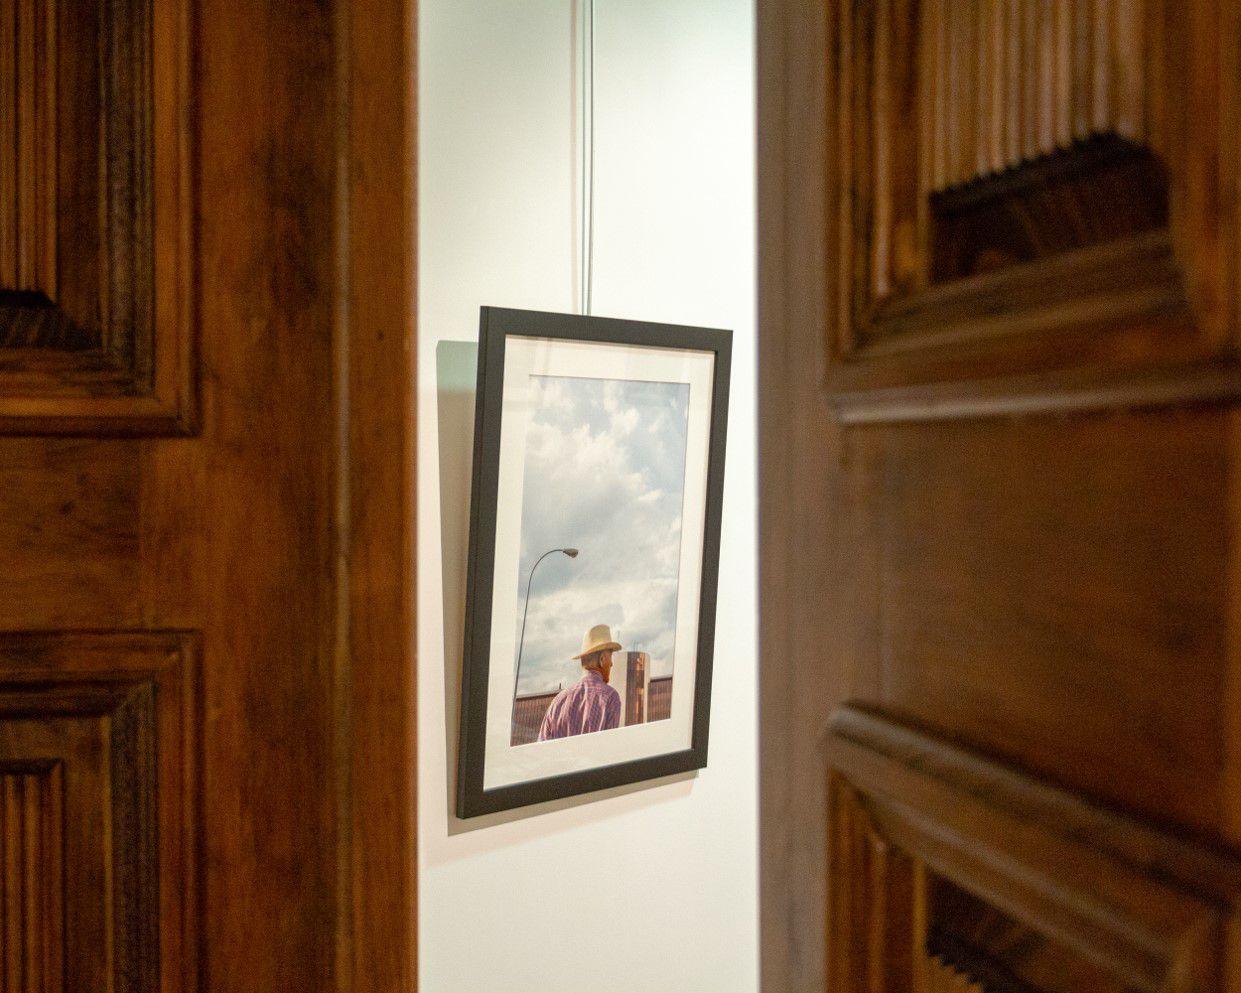 Afonso Sereno e Gustavo Nina inauguram exposição fotográfica conjunta no Porto